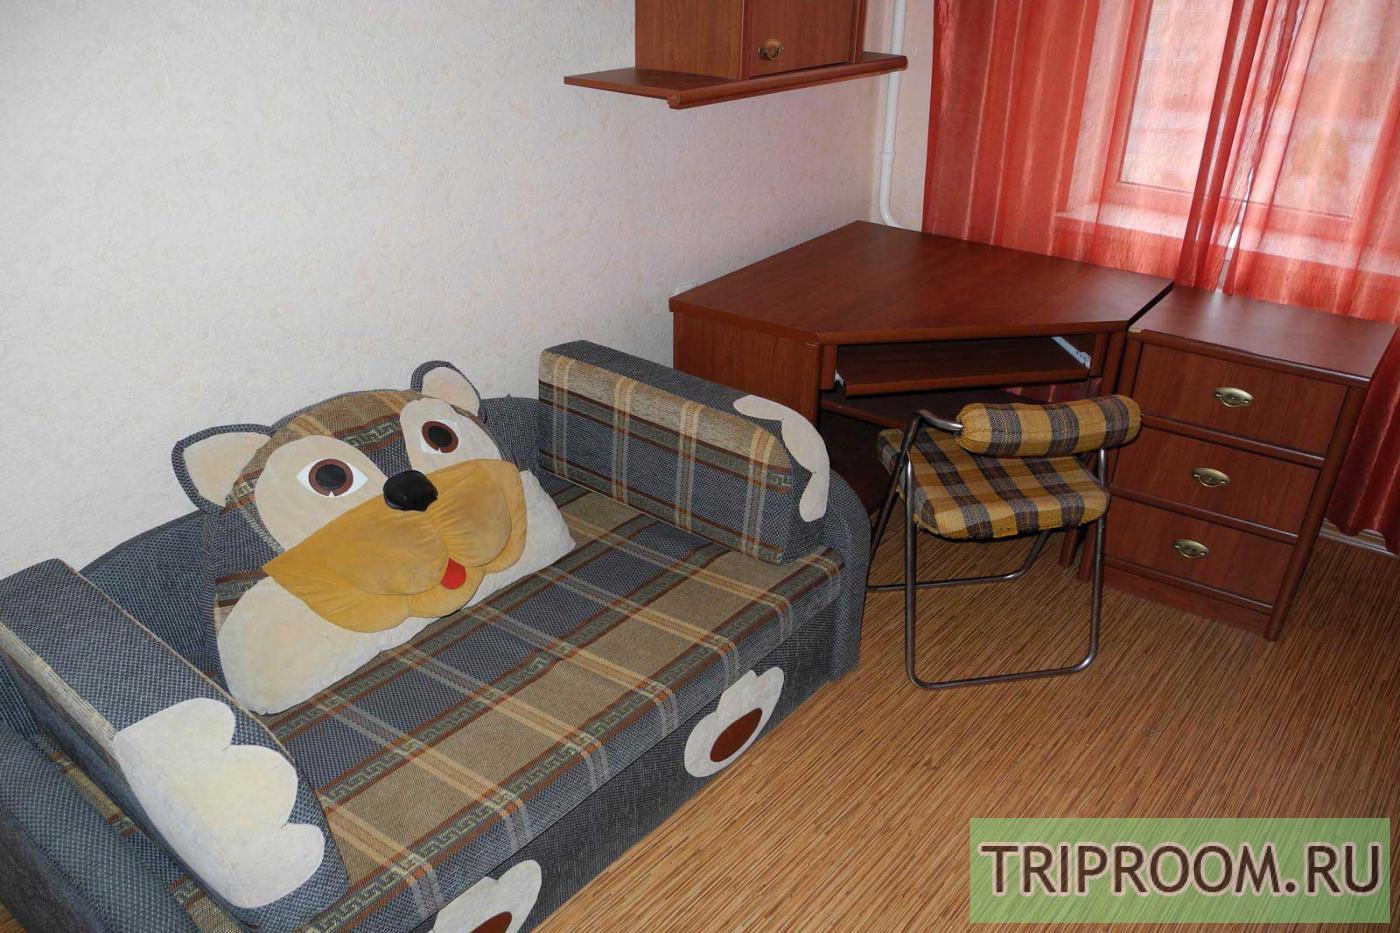 3-комнатная квартира посуточно (вариант № 9669), ул. Кольцовская улица, фото № 9